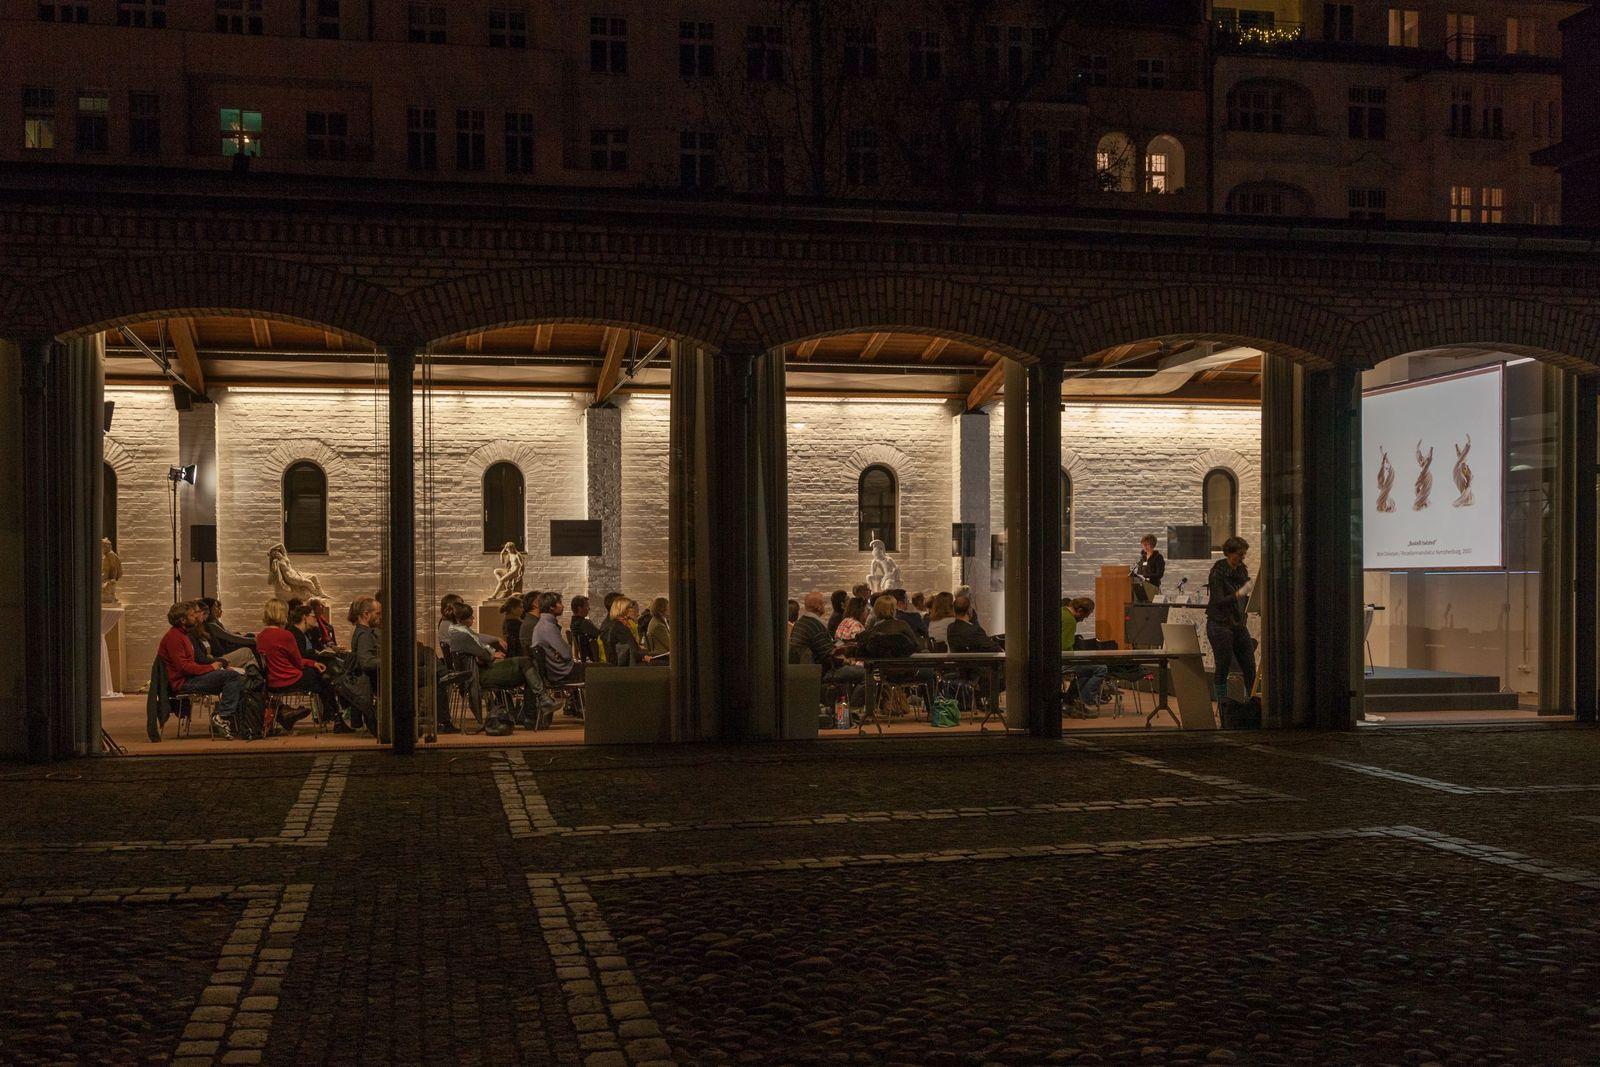 Vorträge bis in den frühen Abend: Das Symposium zur Gipsformerei fand in der Remise der Sammlung Scharf-Gerstenberg in Charlottenburg statt. Foto: Achim Kleuker